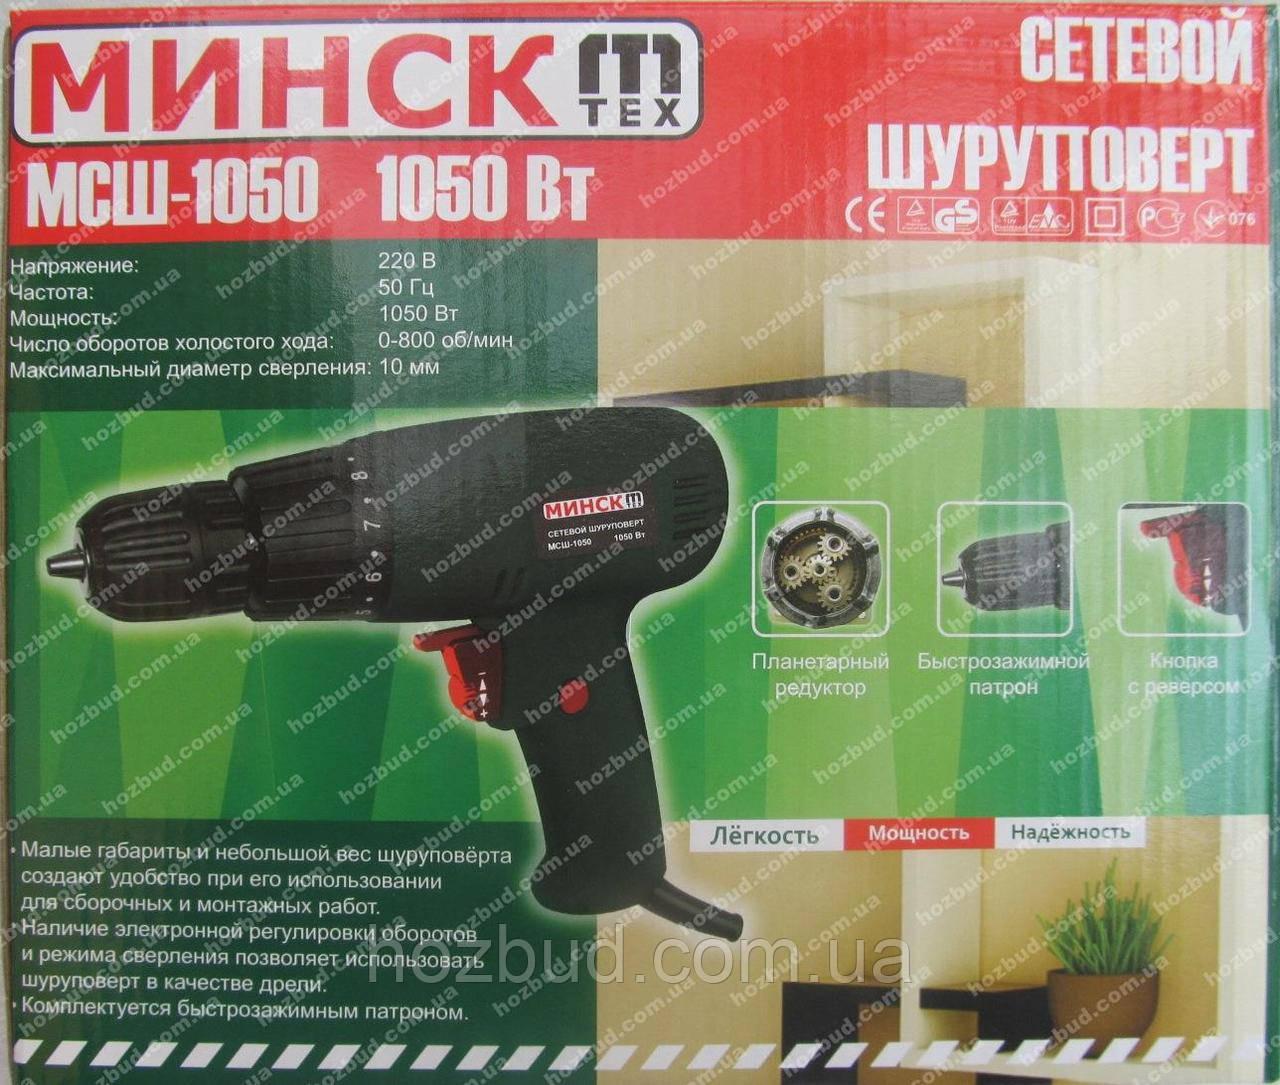 Мережевий шуруповерт Мінськ МСШ-1050 (1050 Вт)